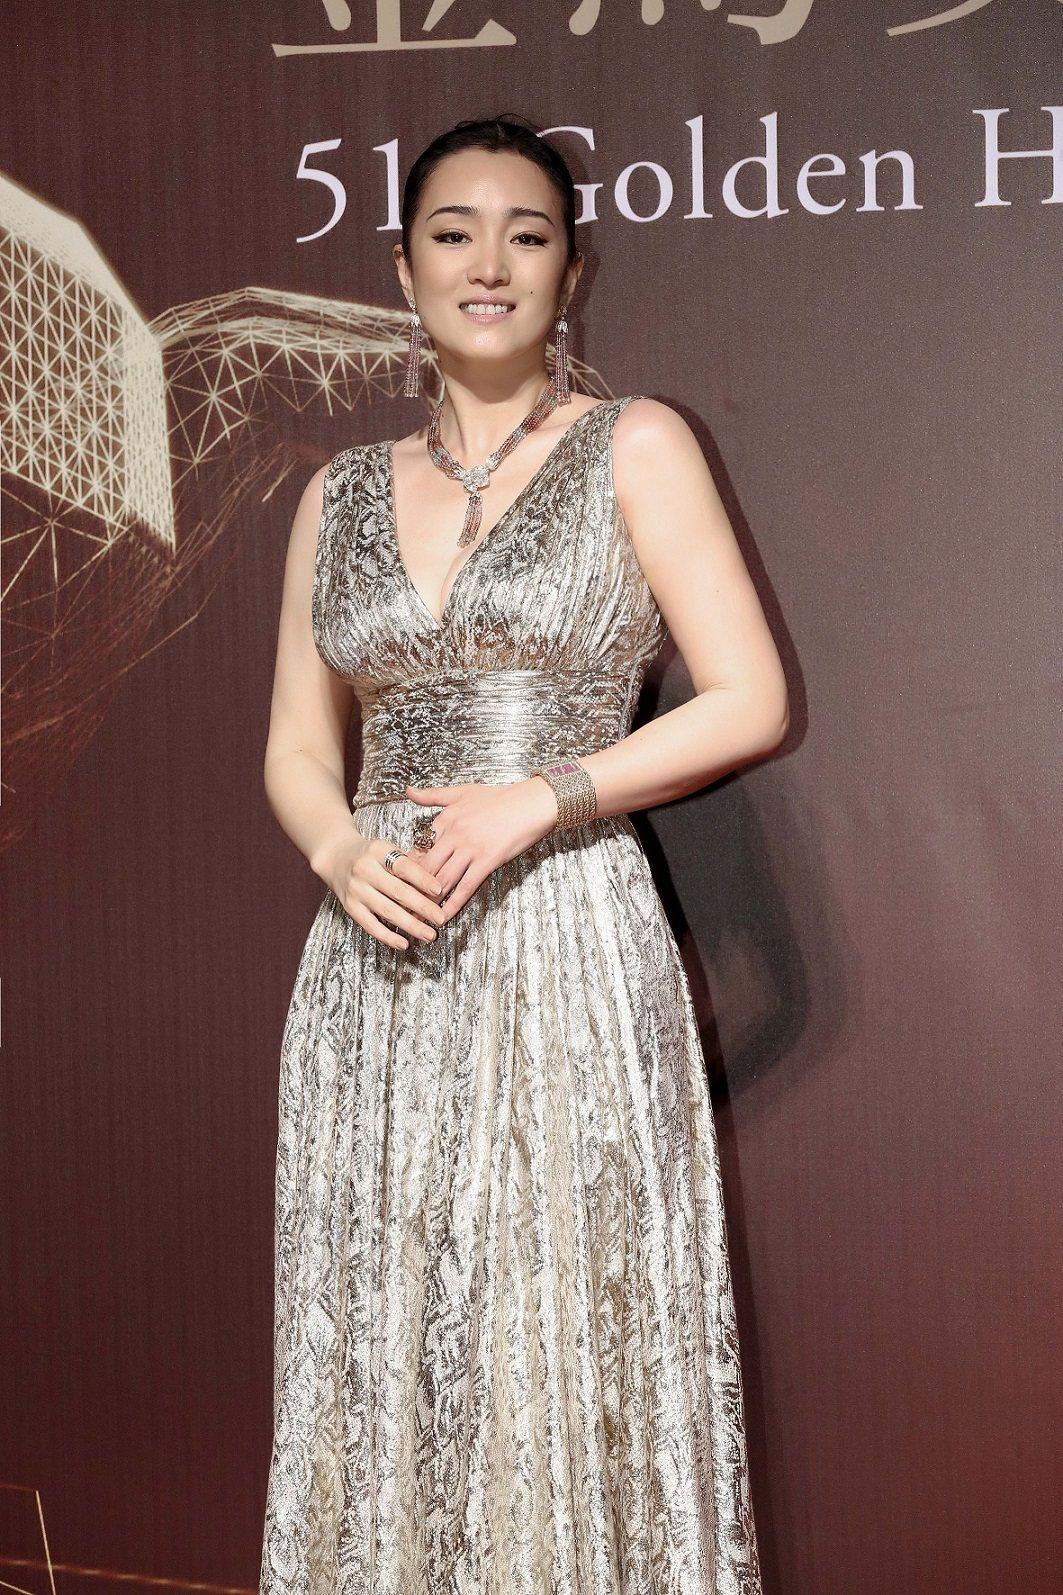 國際影后鞏俐配戴伯爵珠寶與腕表出席第51屆金馬獎。圖/伯爵提供